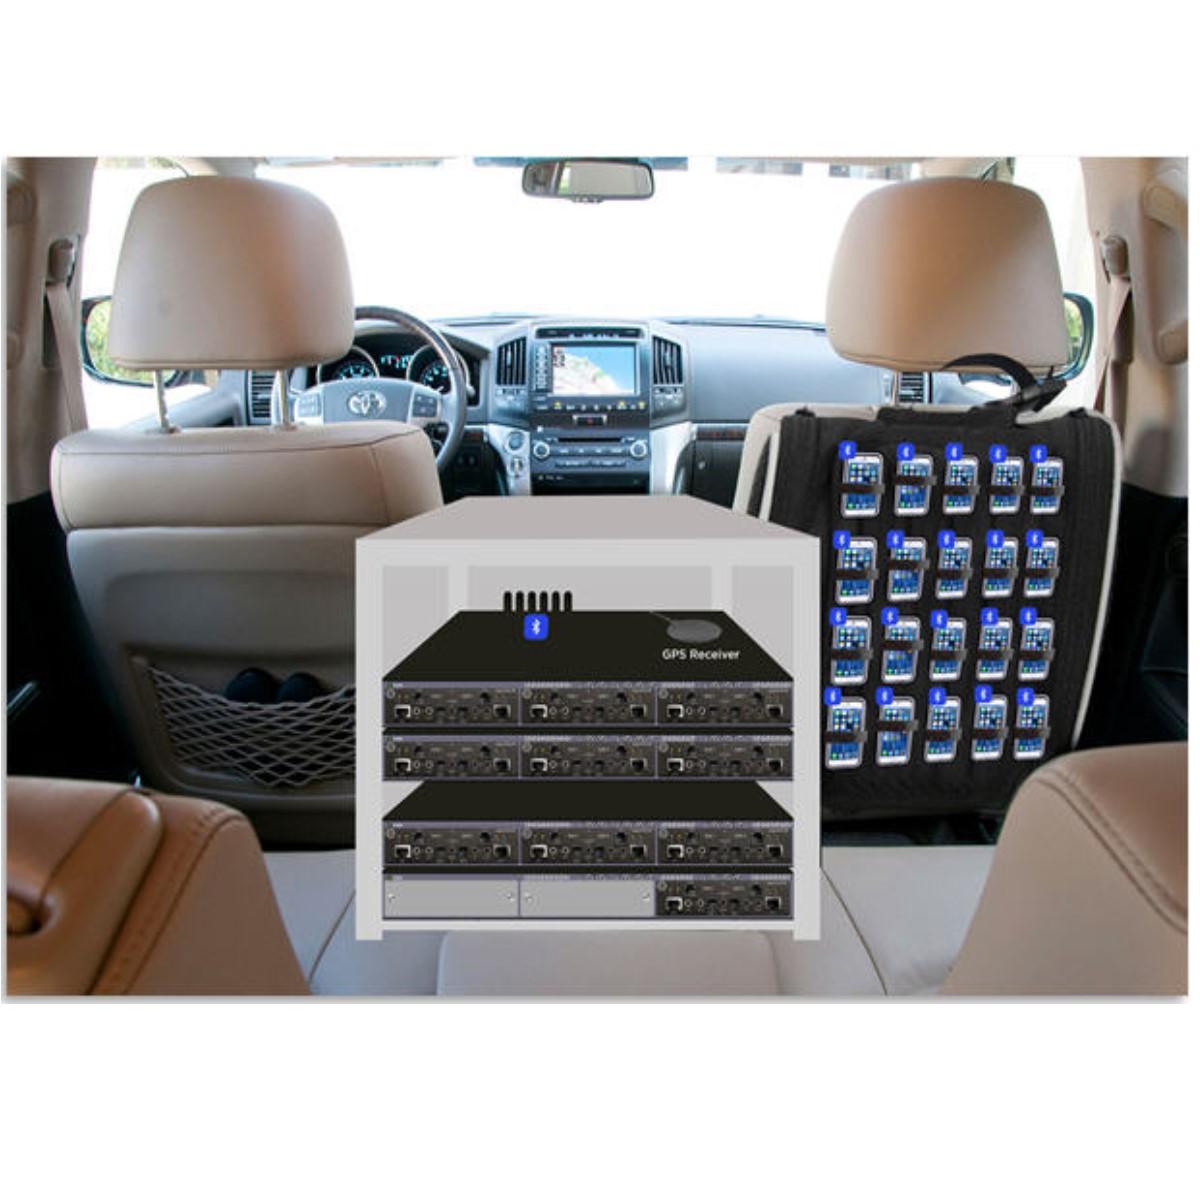 Prueba de covertura de señal GL DRIVE TESTING WirelessDrive-Test